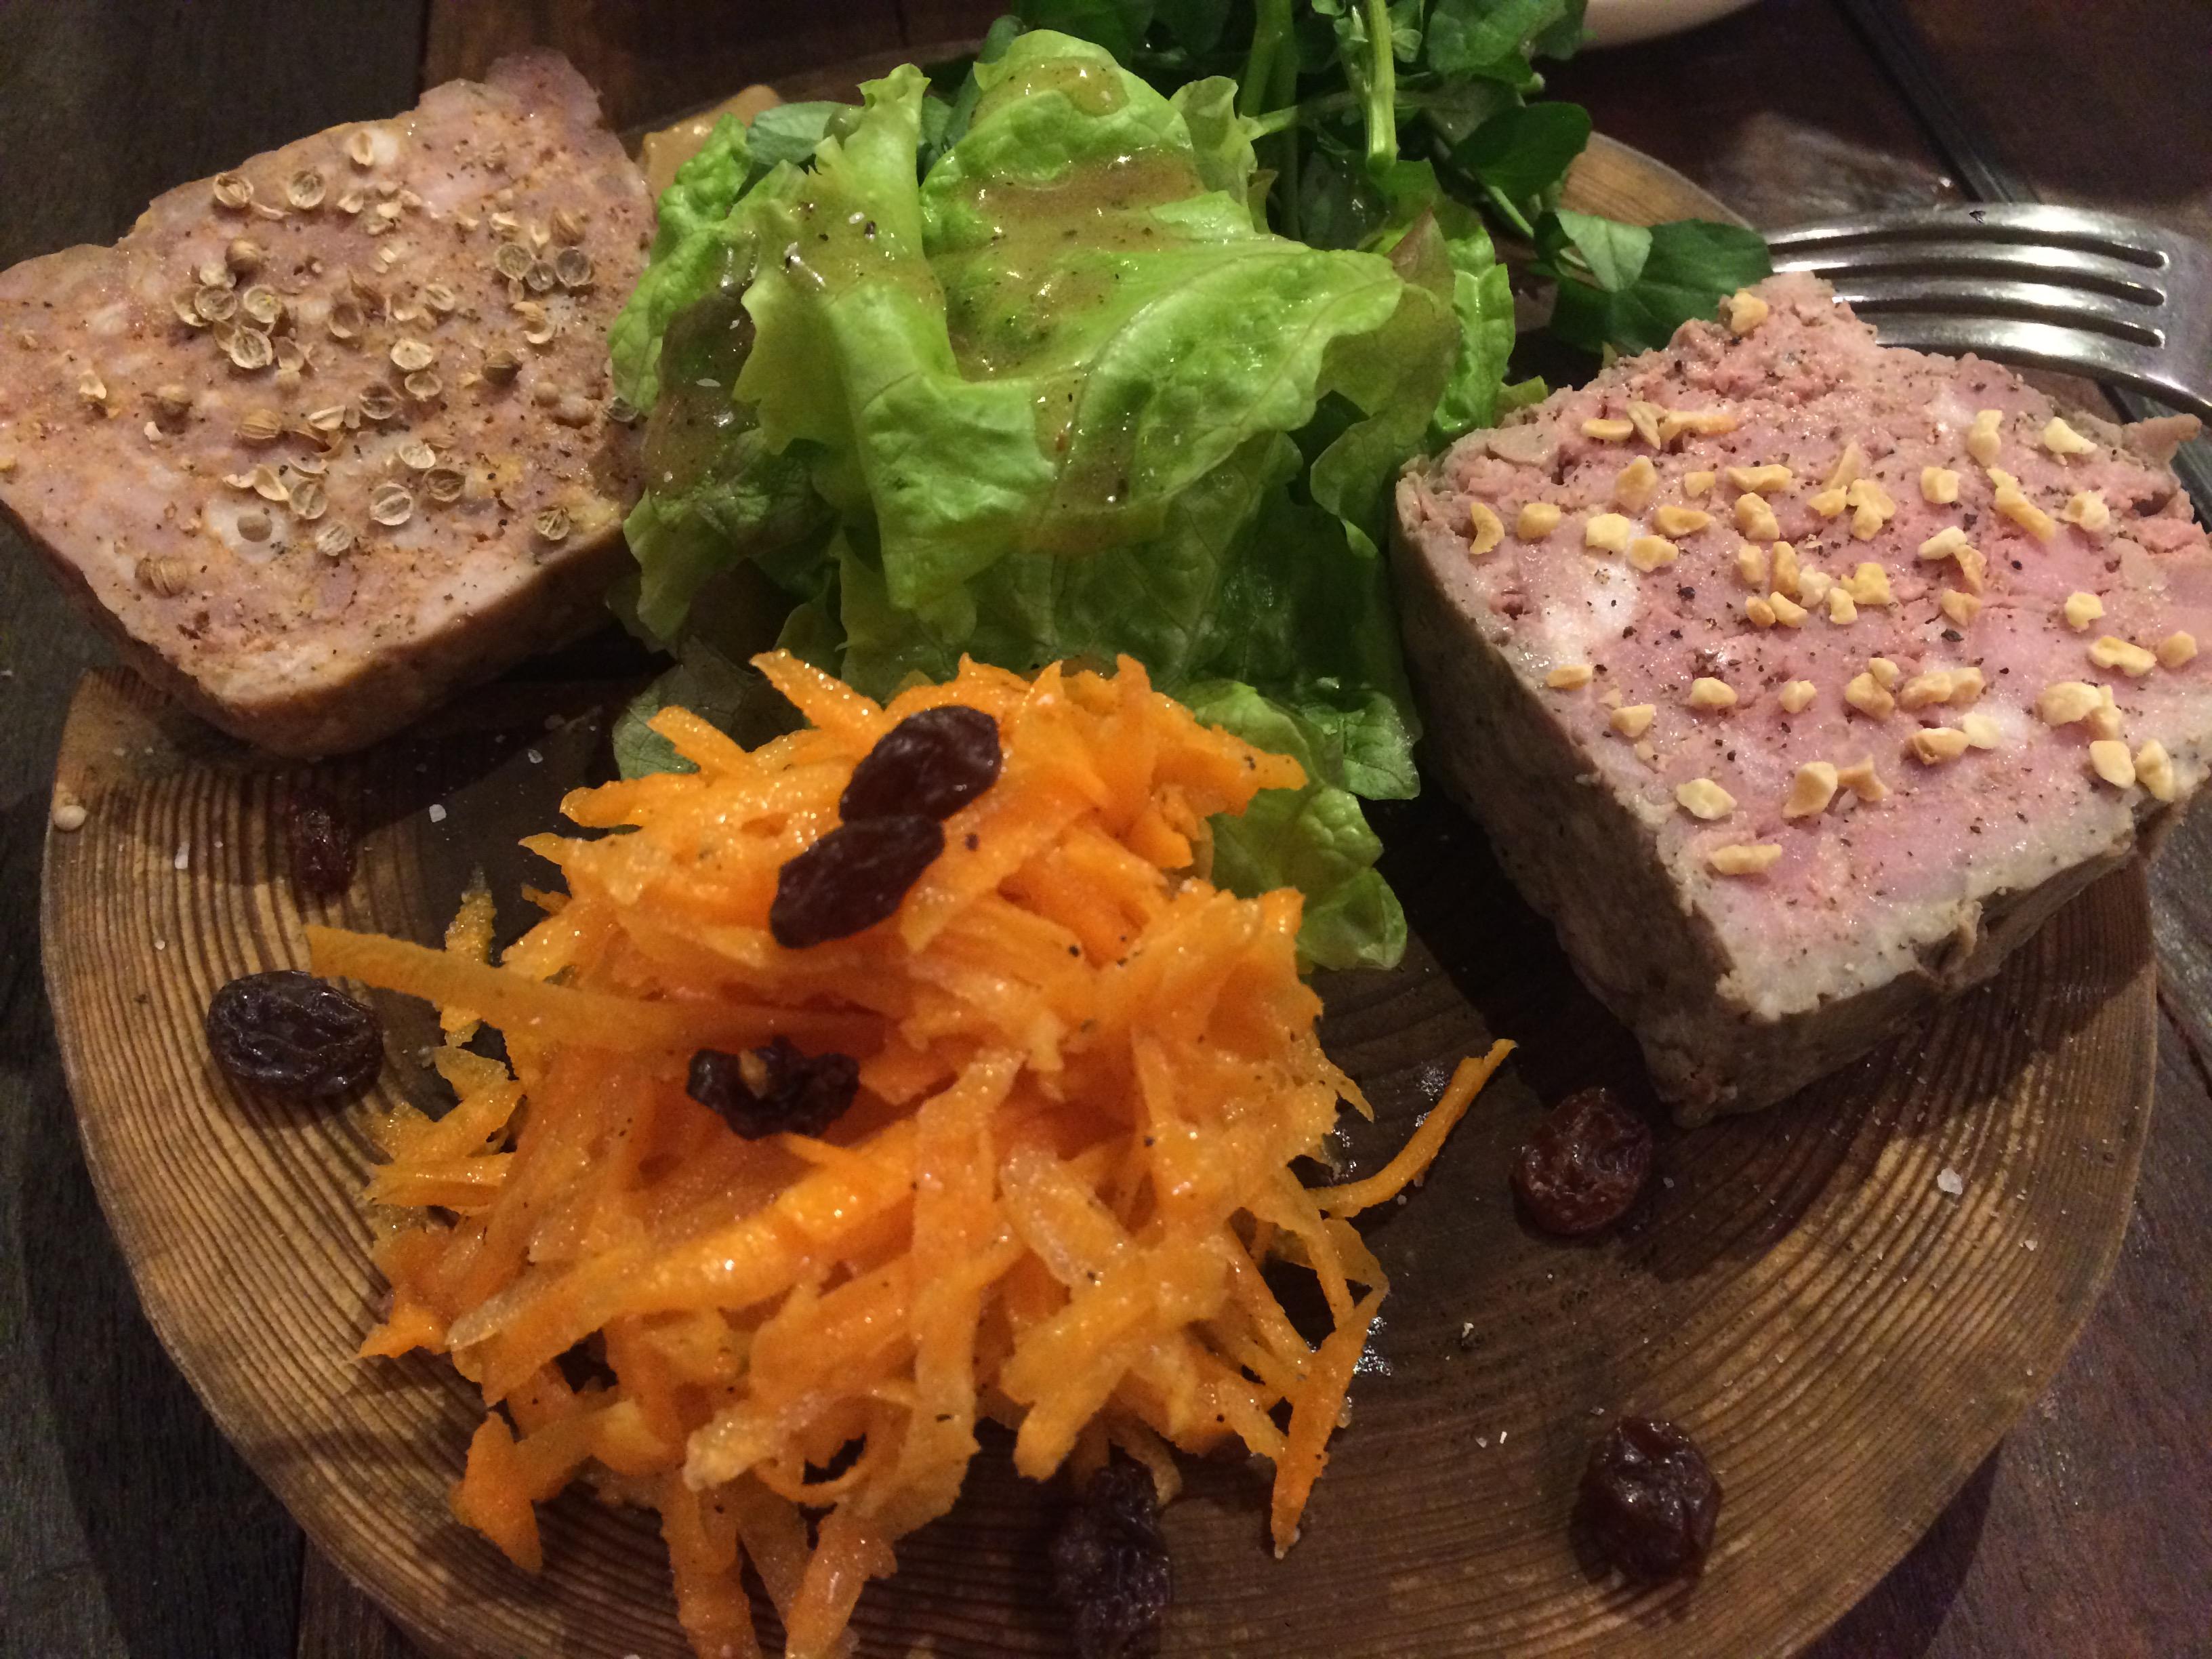 ラムダック東京|神楽坂のラム肉&鴨肉専門店でディナー